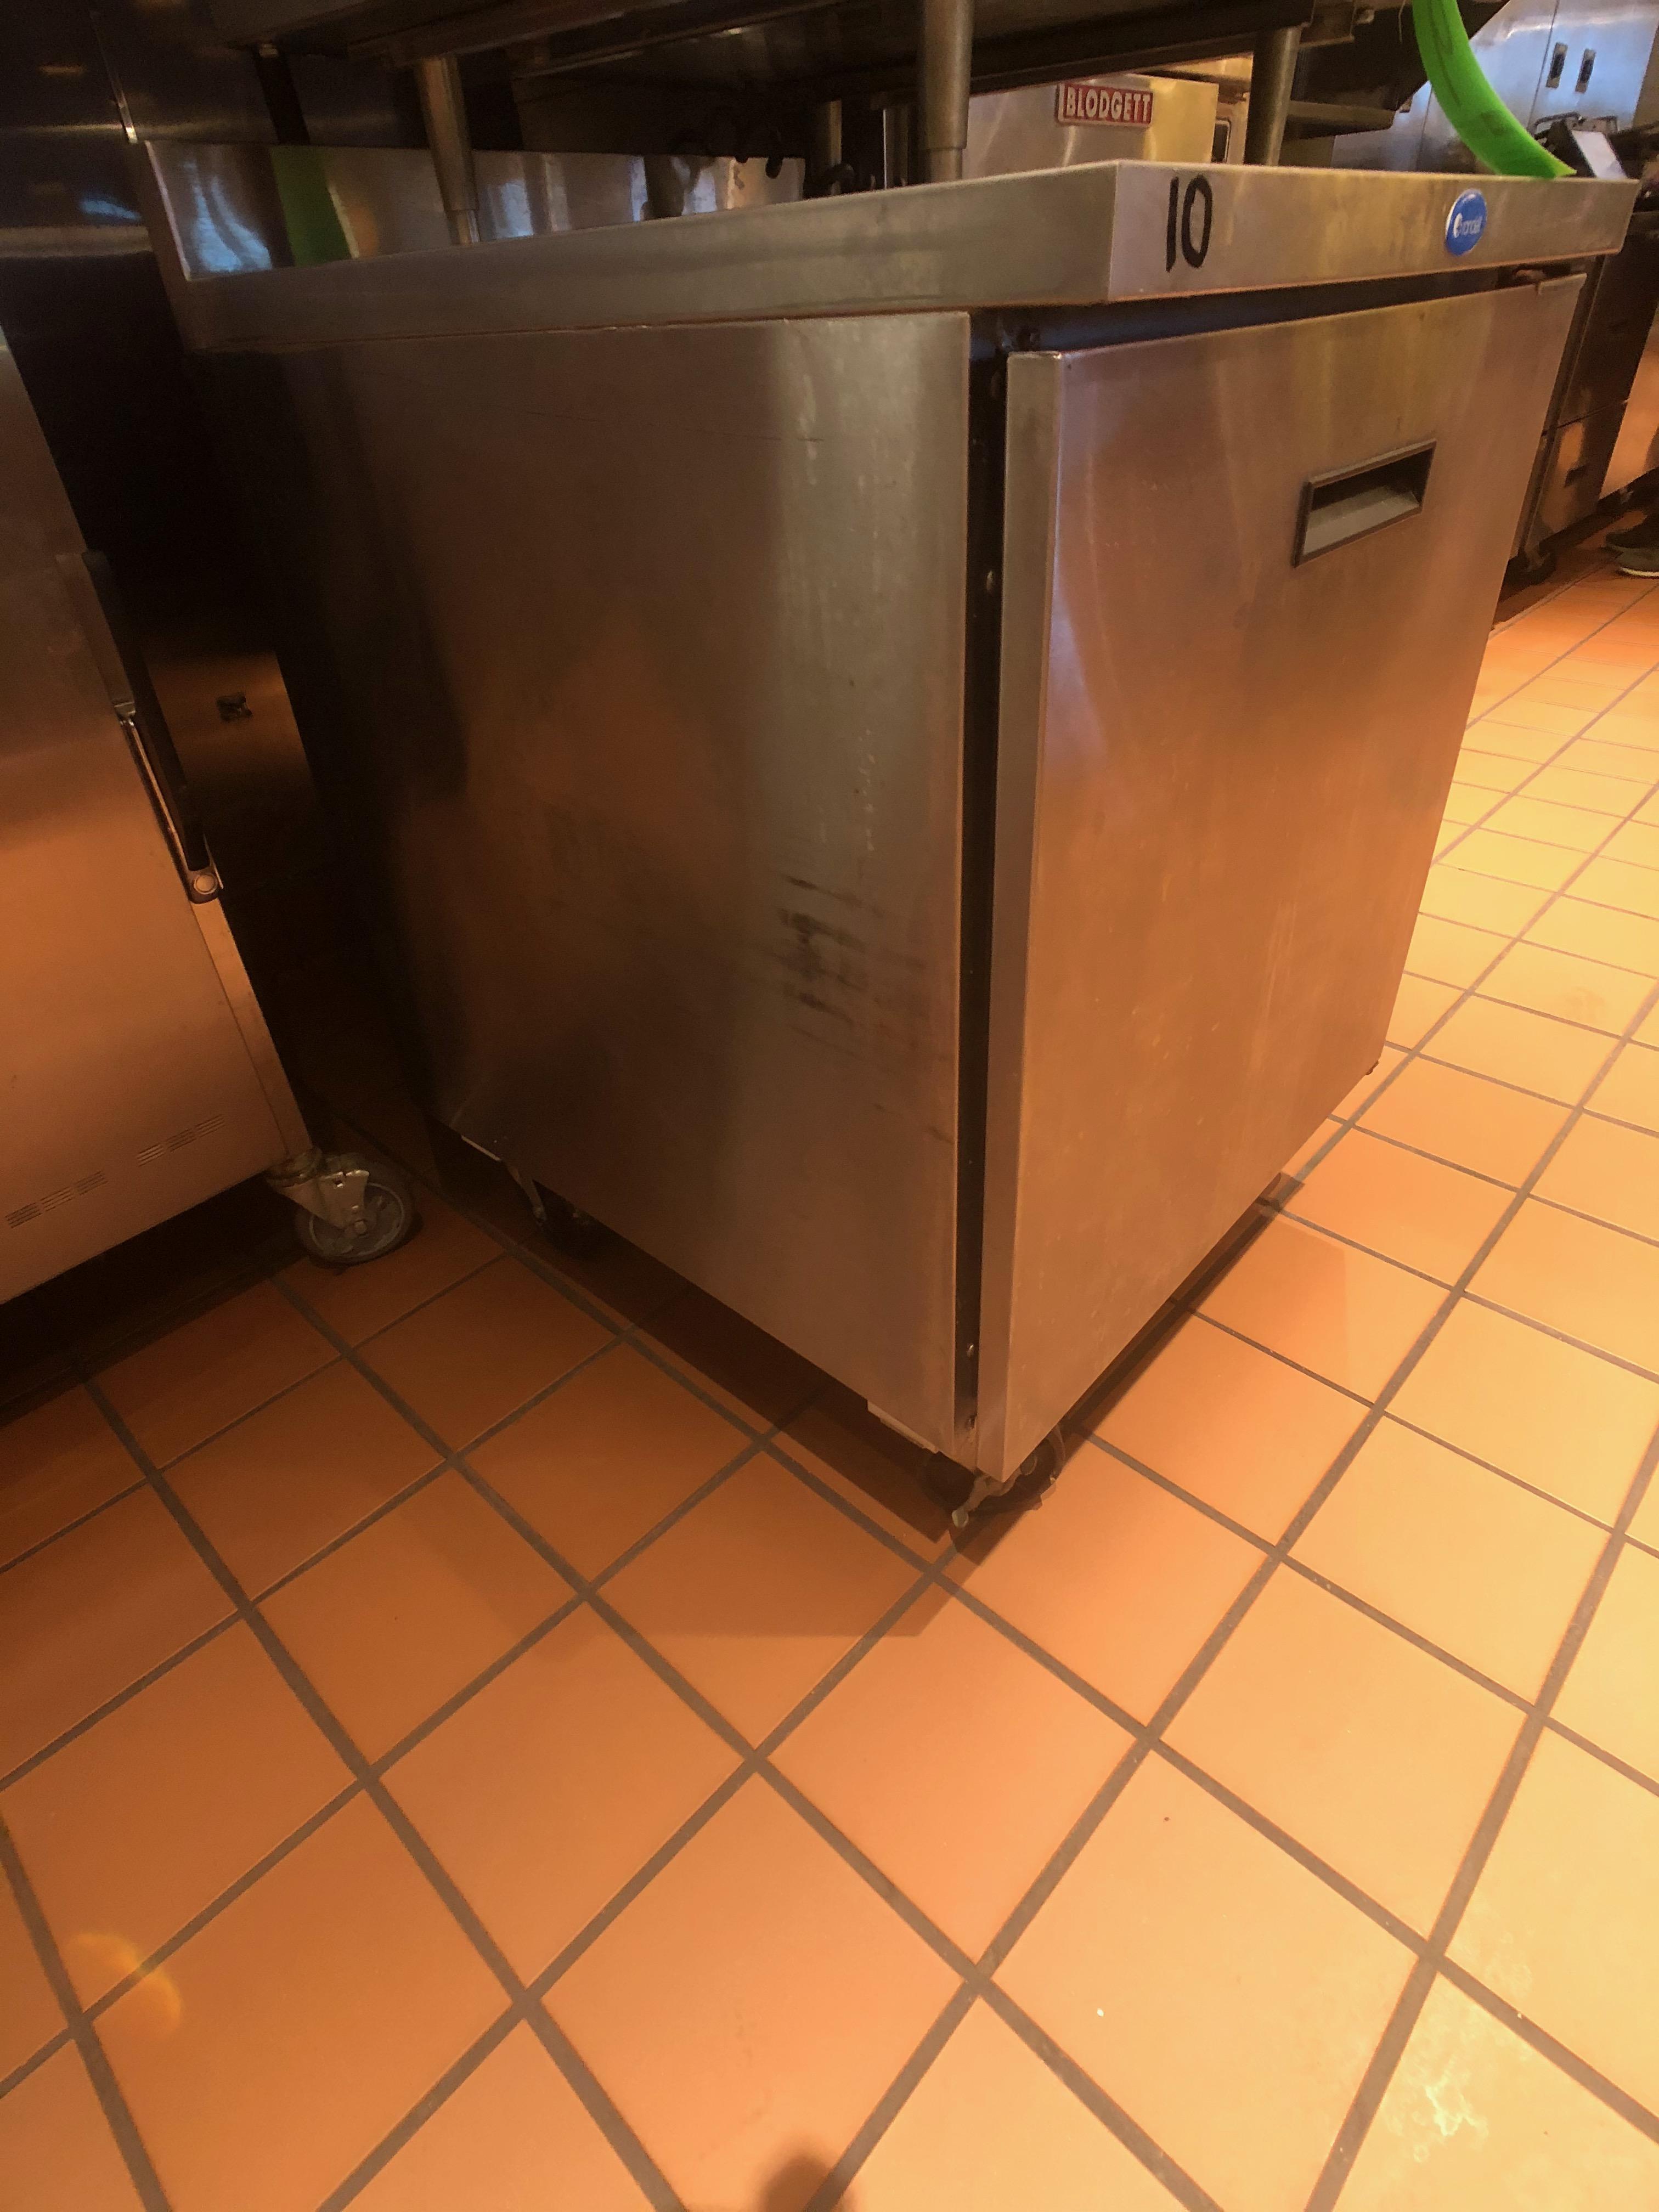 """Randell Single Door Worktop Refrigerator, Model 9402-7, S/N W1041751-1, 27"""" W x 30"""" D x 36"""" H - Image 2 of 5"""